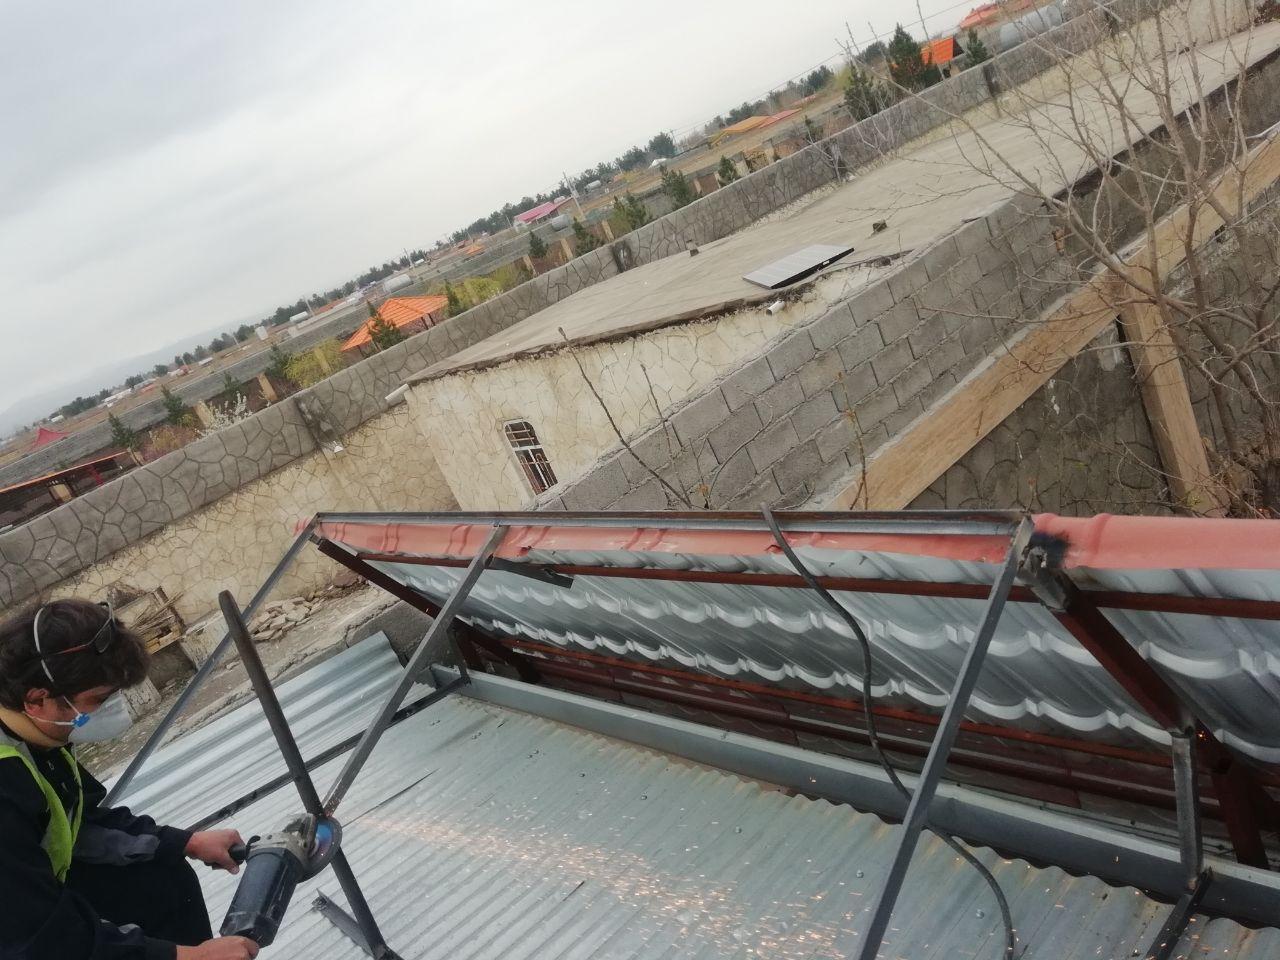 سیستم برق خورشیدی خانگی مصارف روشنایی پنکه تلوزیون